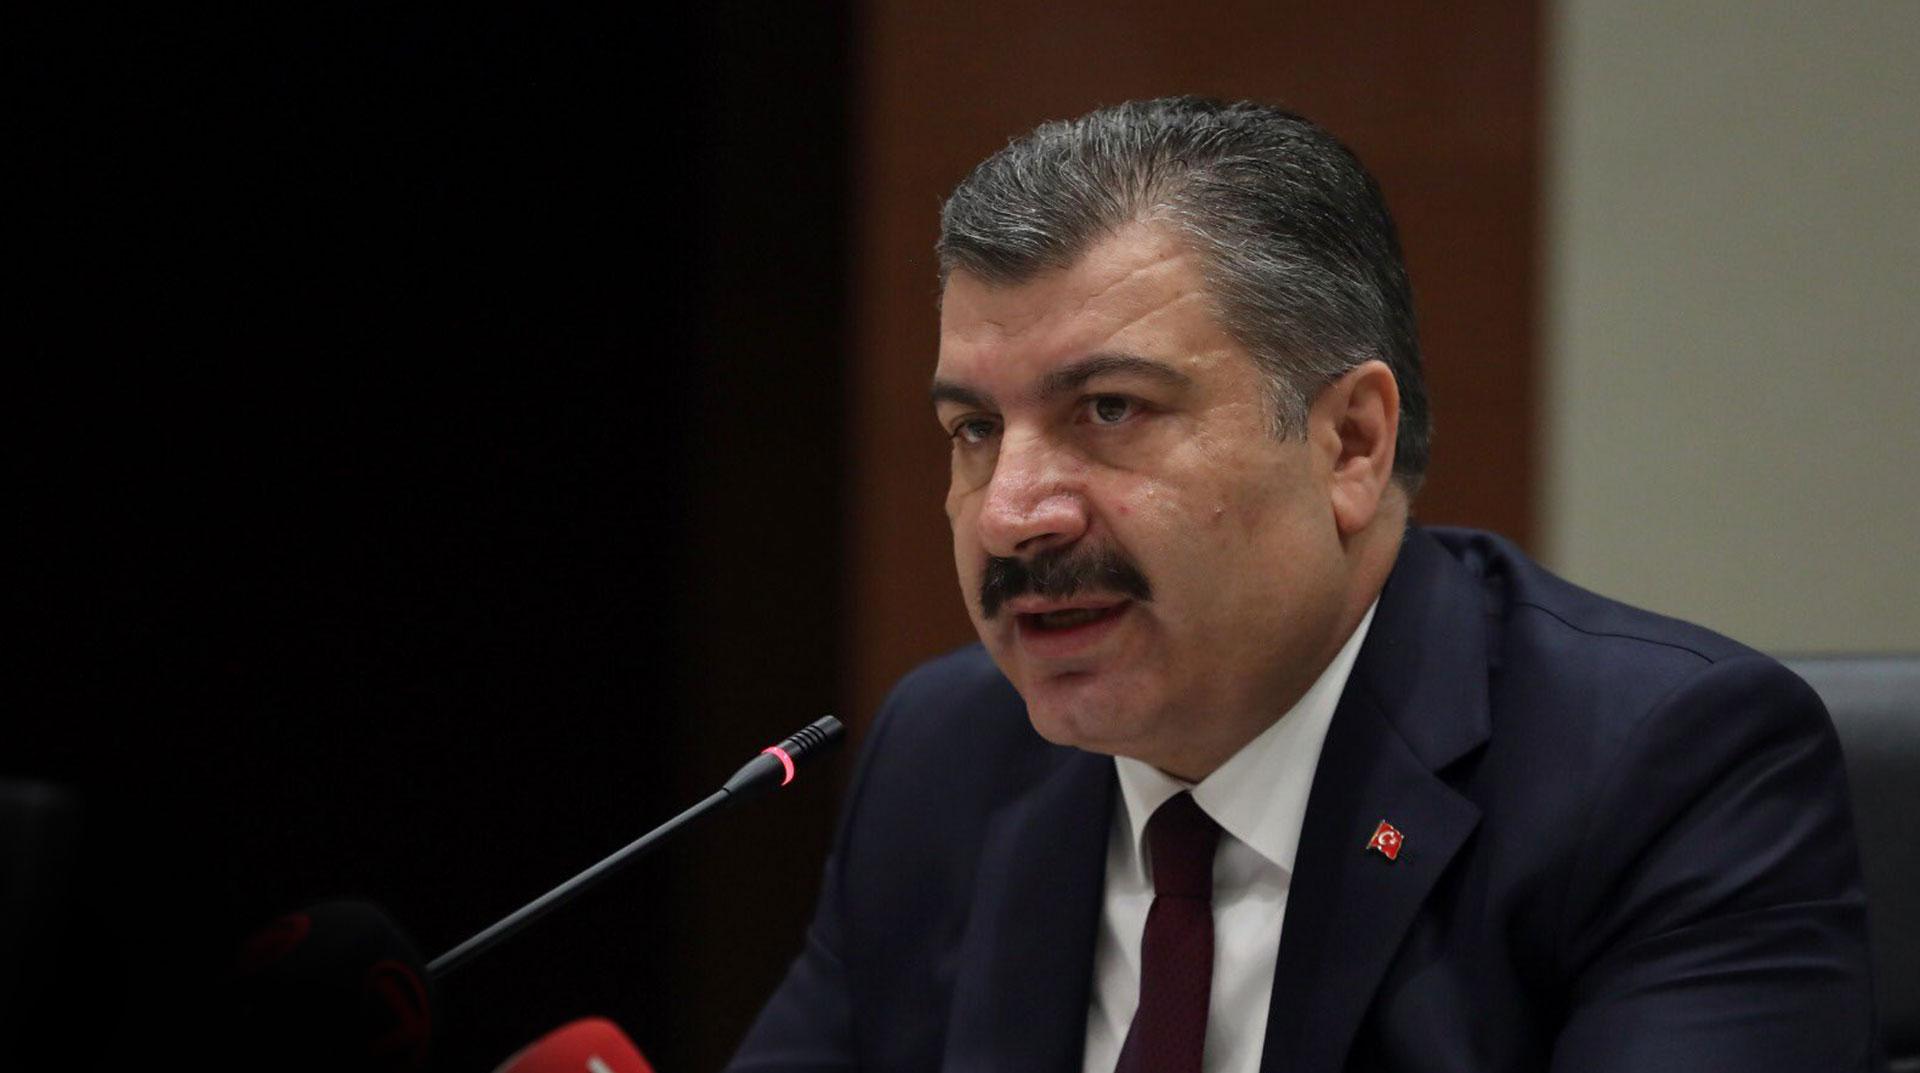 Sağlık Bakanlığından Koronavirüs Açıklaması: Türkiye'de Olma İhtimali Yüksek